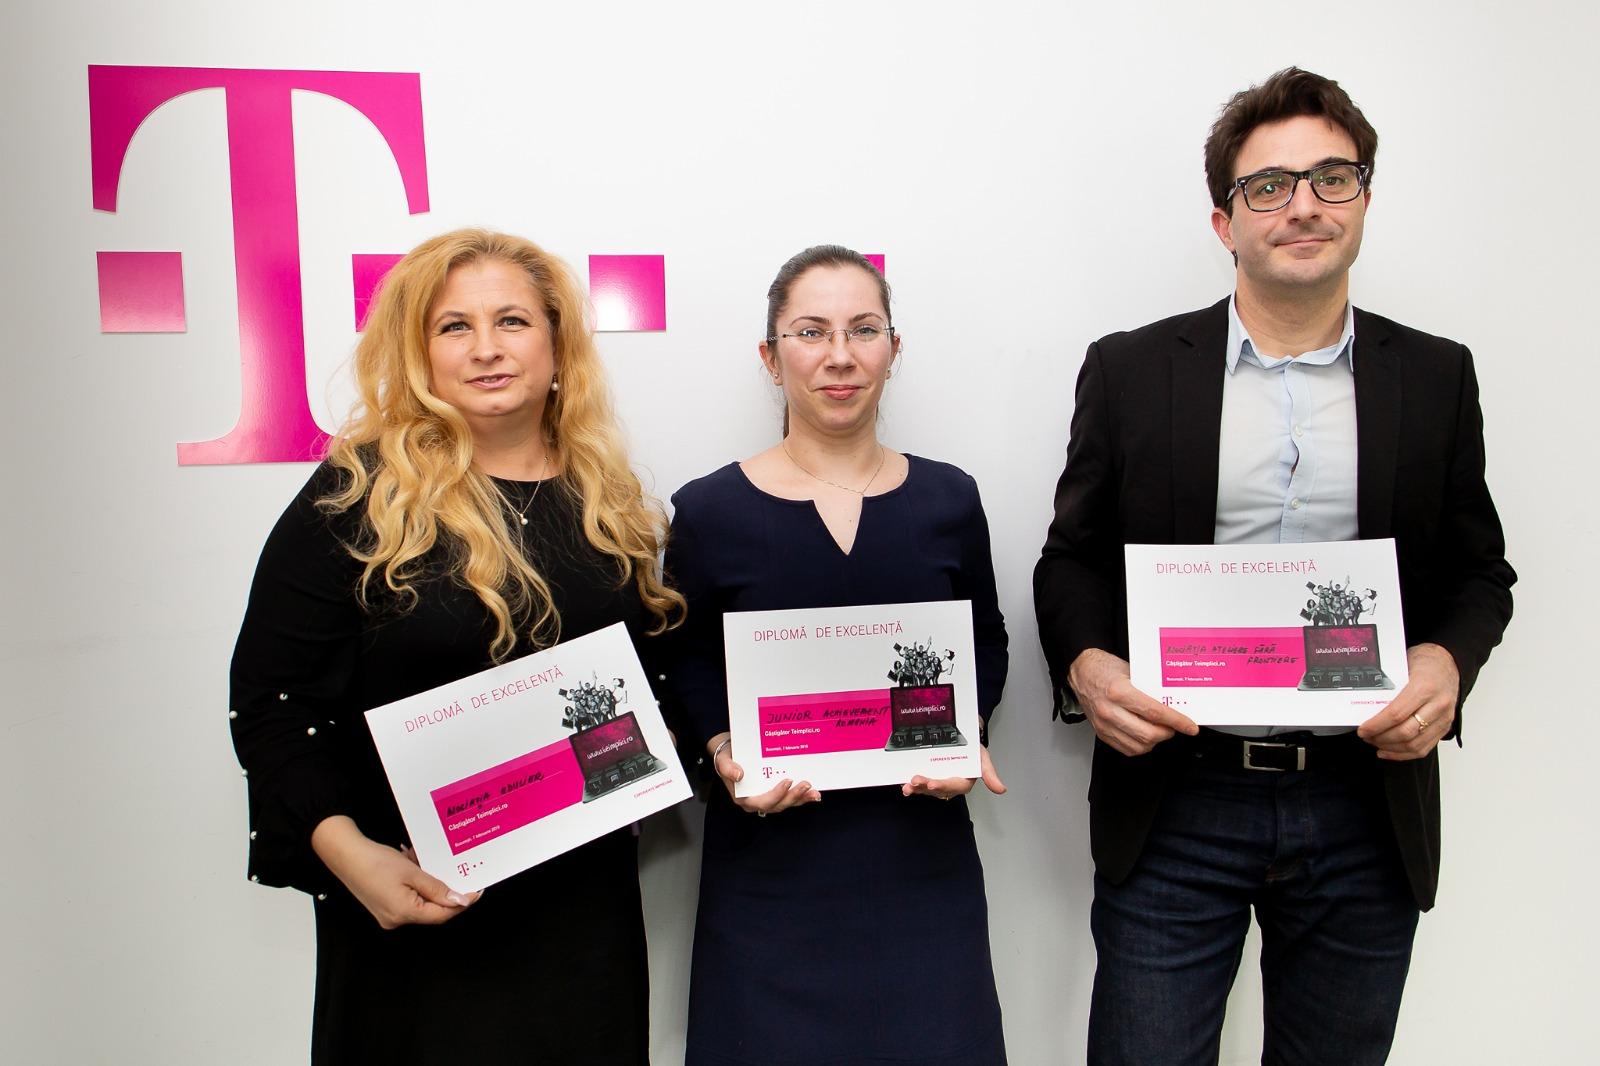 Telekom Romania oferă finanțări în valoare de 60.000 de euro pentru câștigătorii concursului de proiecte Teimplici.ro , ediția 2018